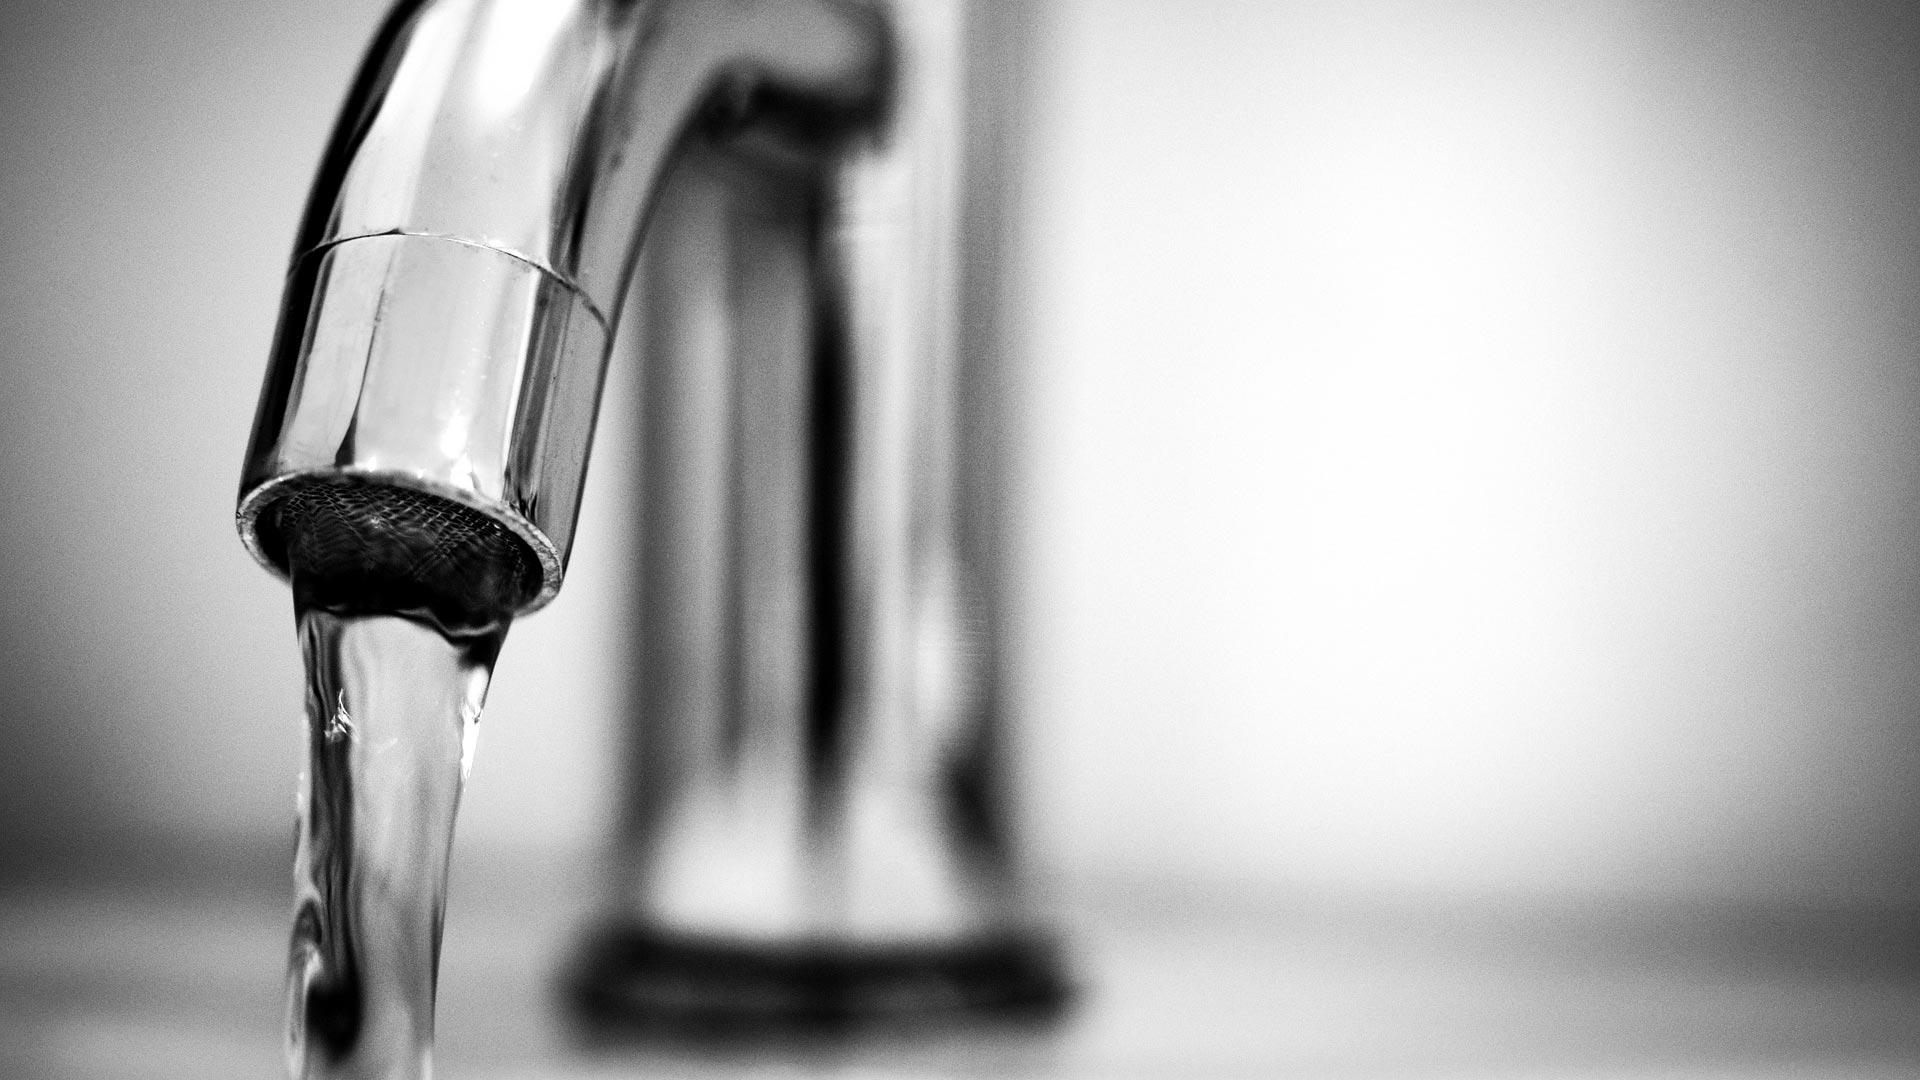 Der Streit um die Abwassergebühren geht in die nächste Runde.